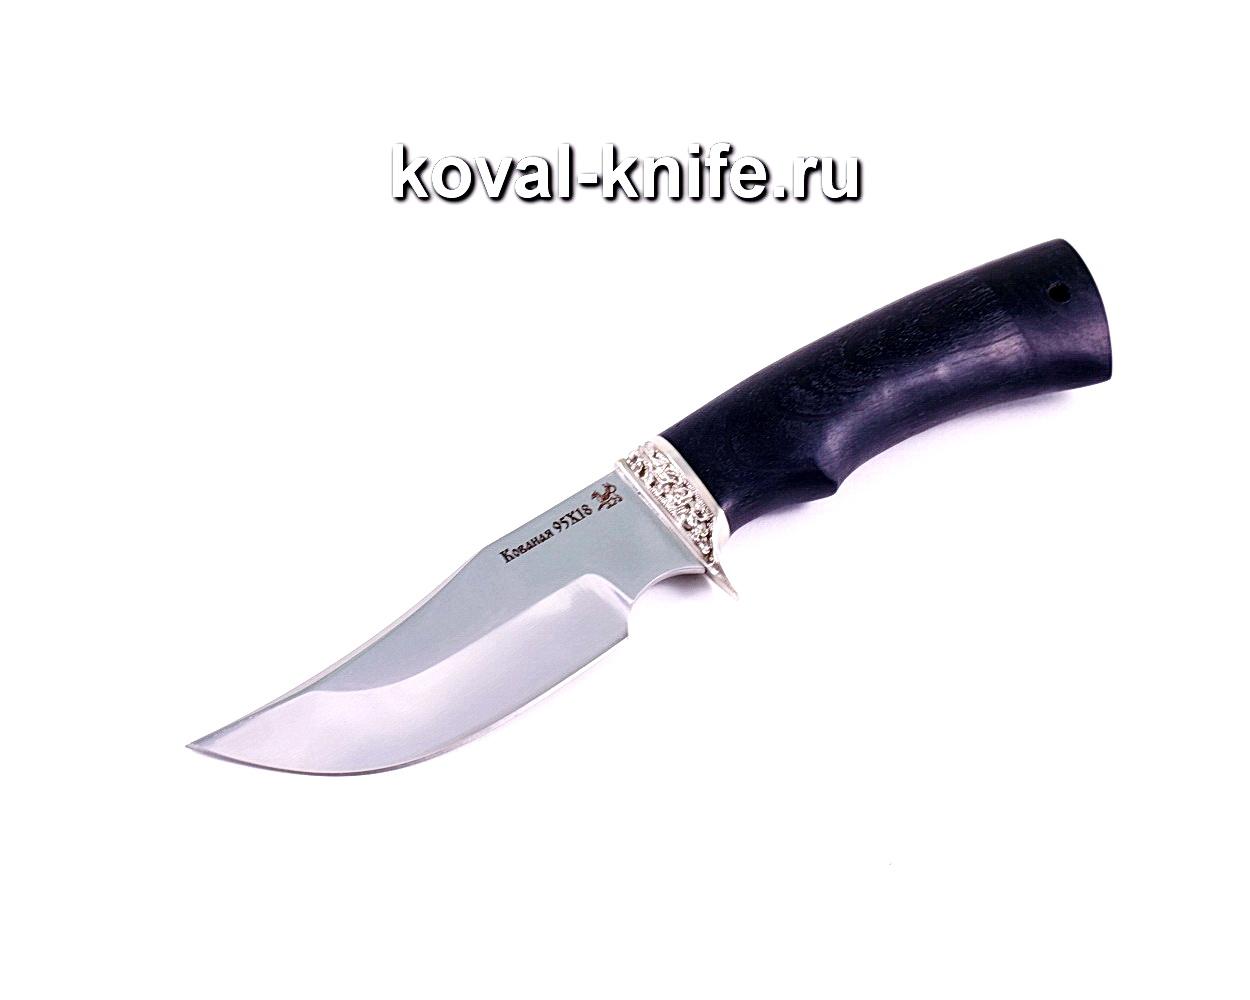 Нож Бекас (сталь 95х18), рукоять граб, литье A013